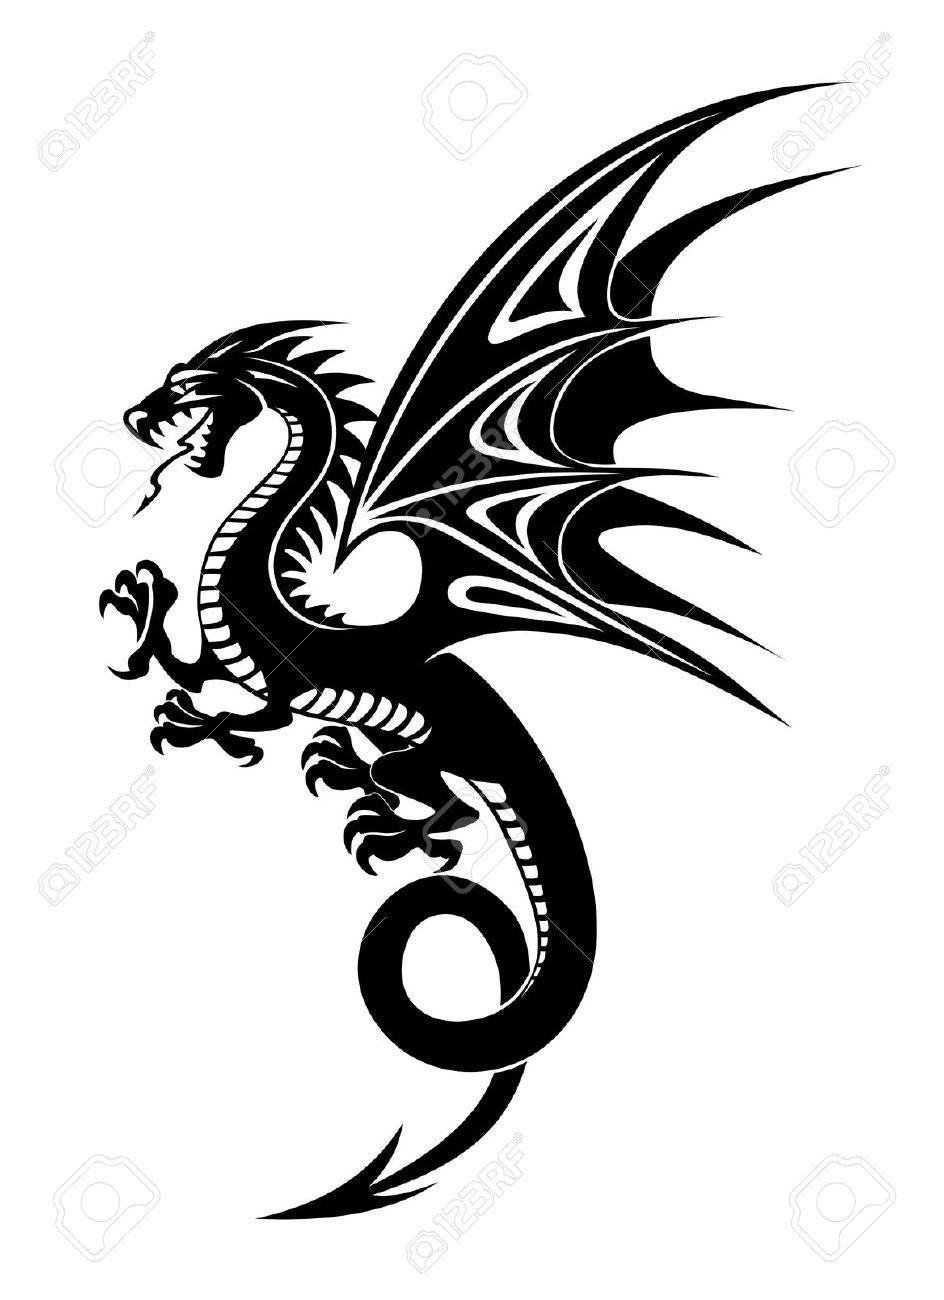 r sultat de recherche d 39 images pour dessin de dragon tribal tatouage pinterest dessins. Black Bedroom Furniture Sets. Home Design Ideas